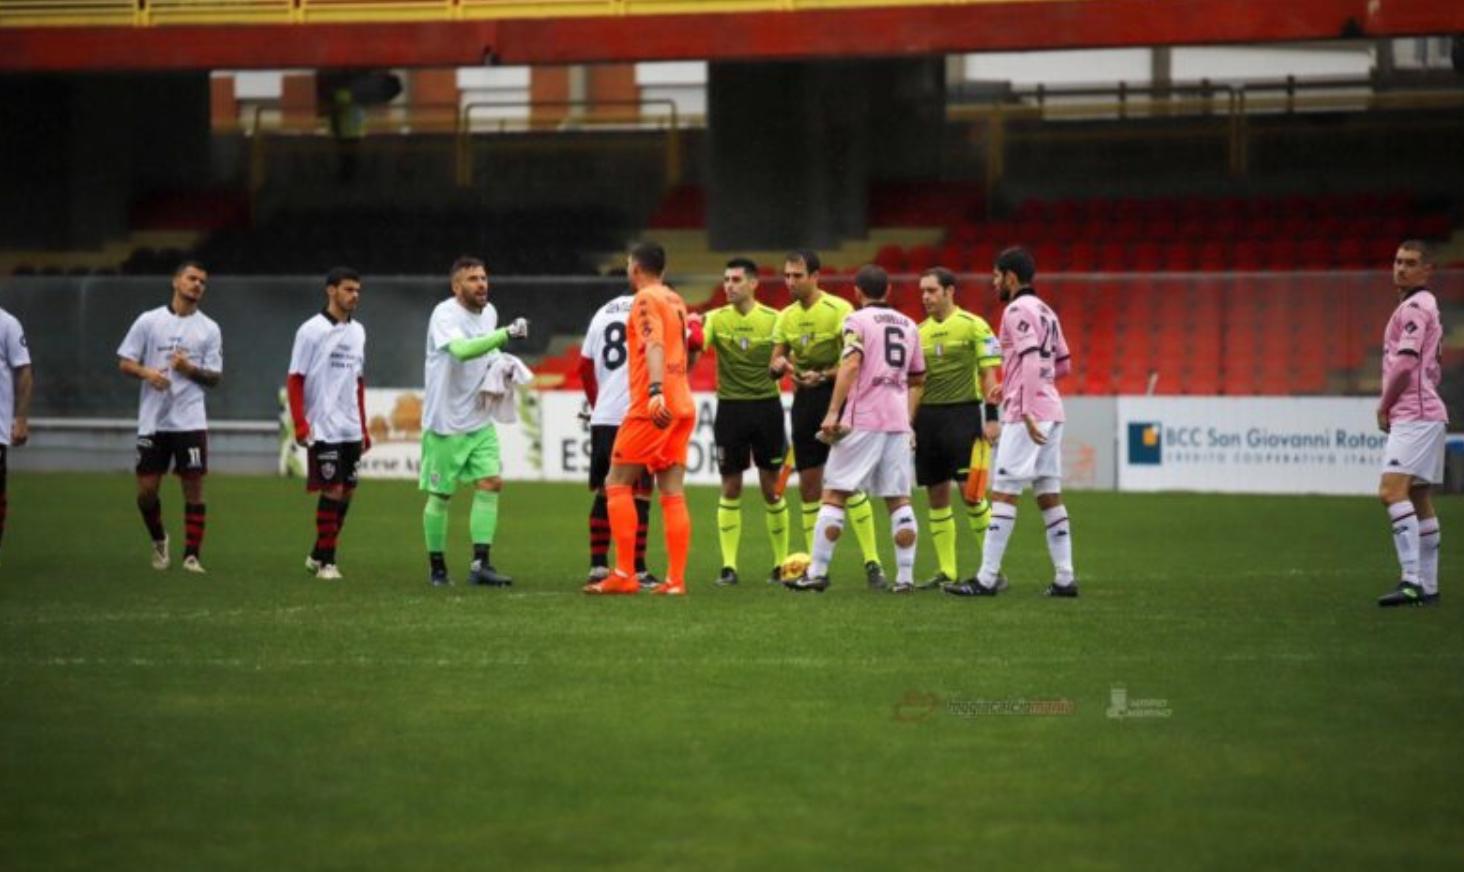 Brutto Palermo a Foggia, i rosanero incassano 2  gol nel primo tempo e  vanno ko